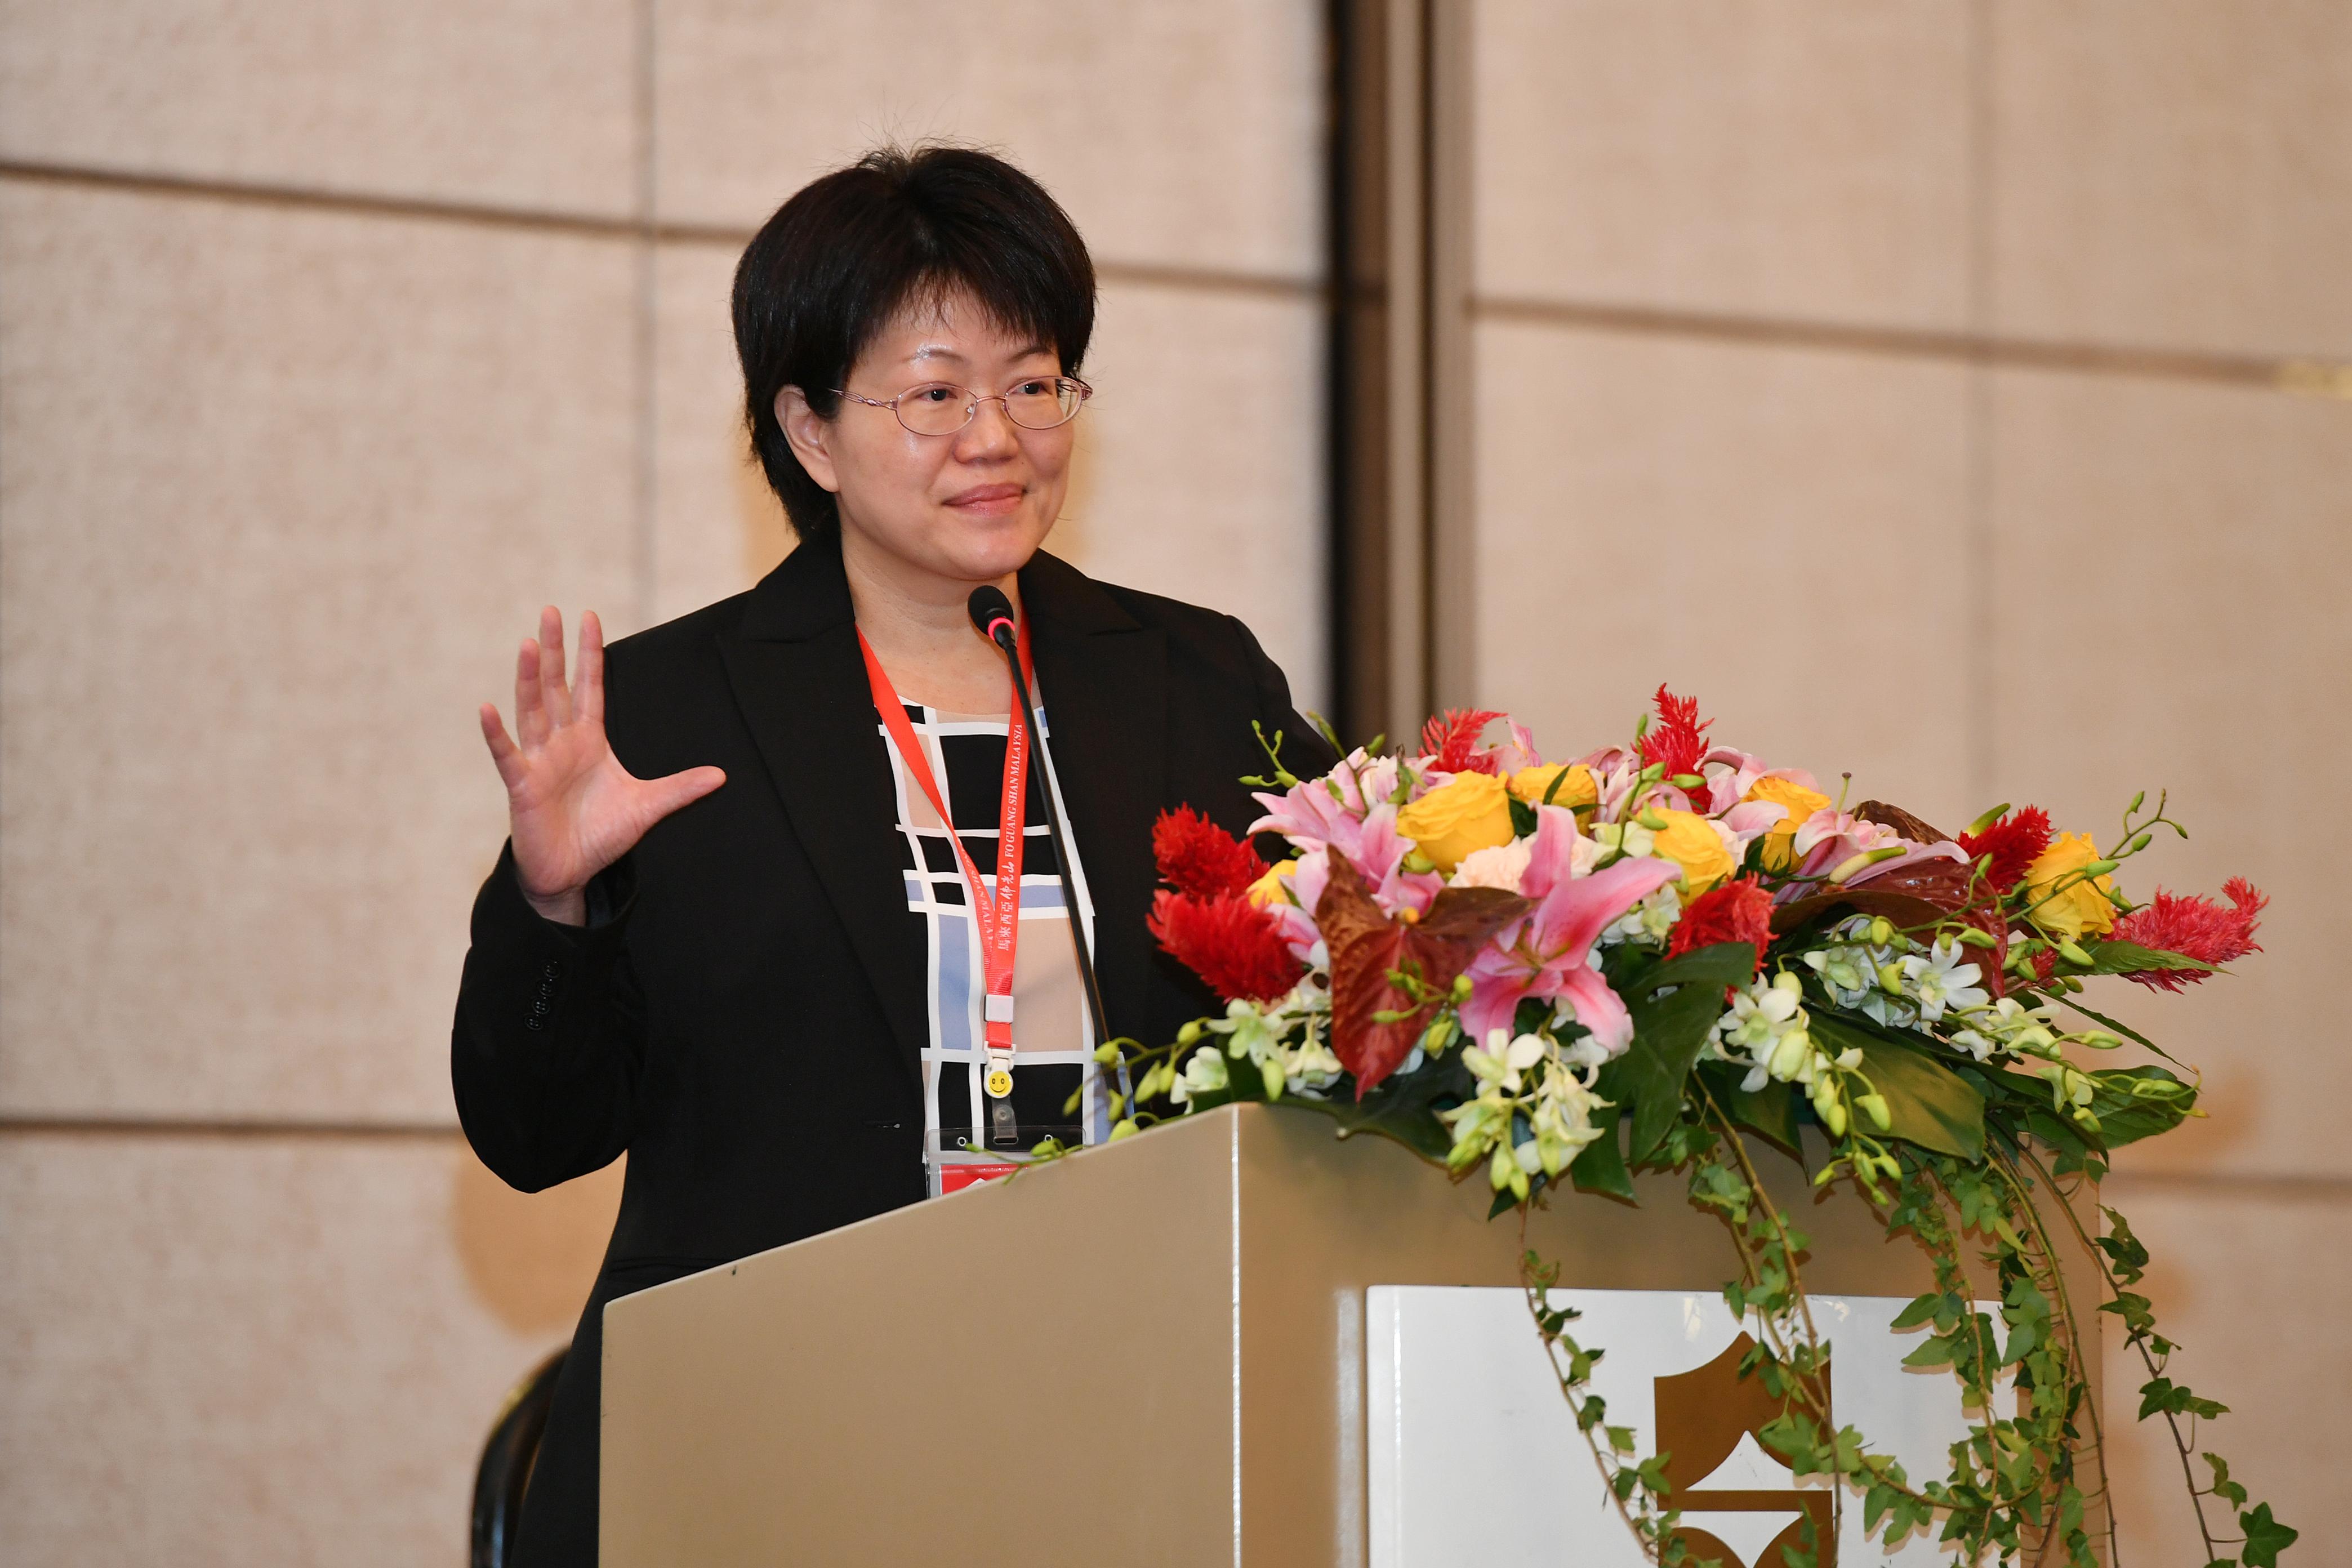 台湾《人间福报》社长金蜀卿分享,正能量来自于心的力量。